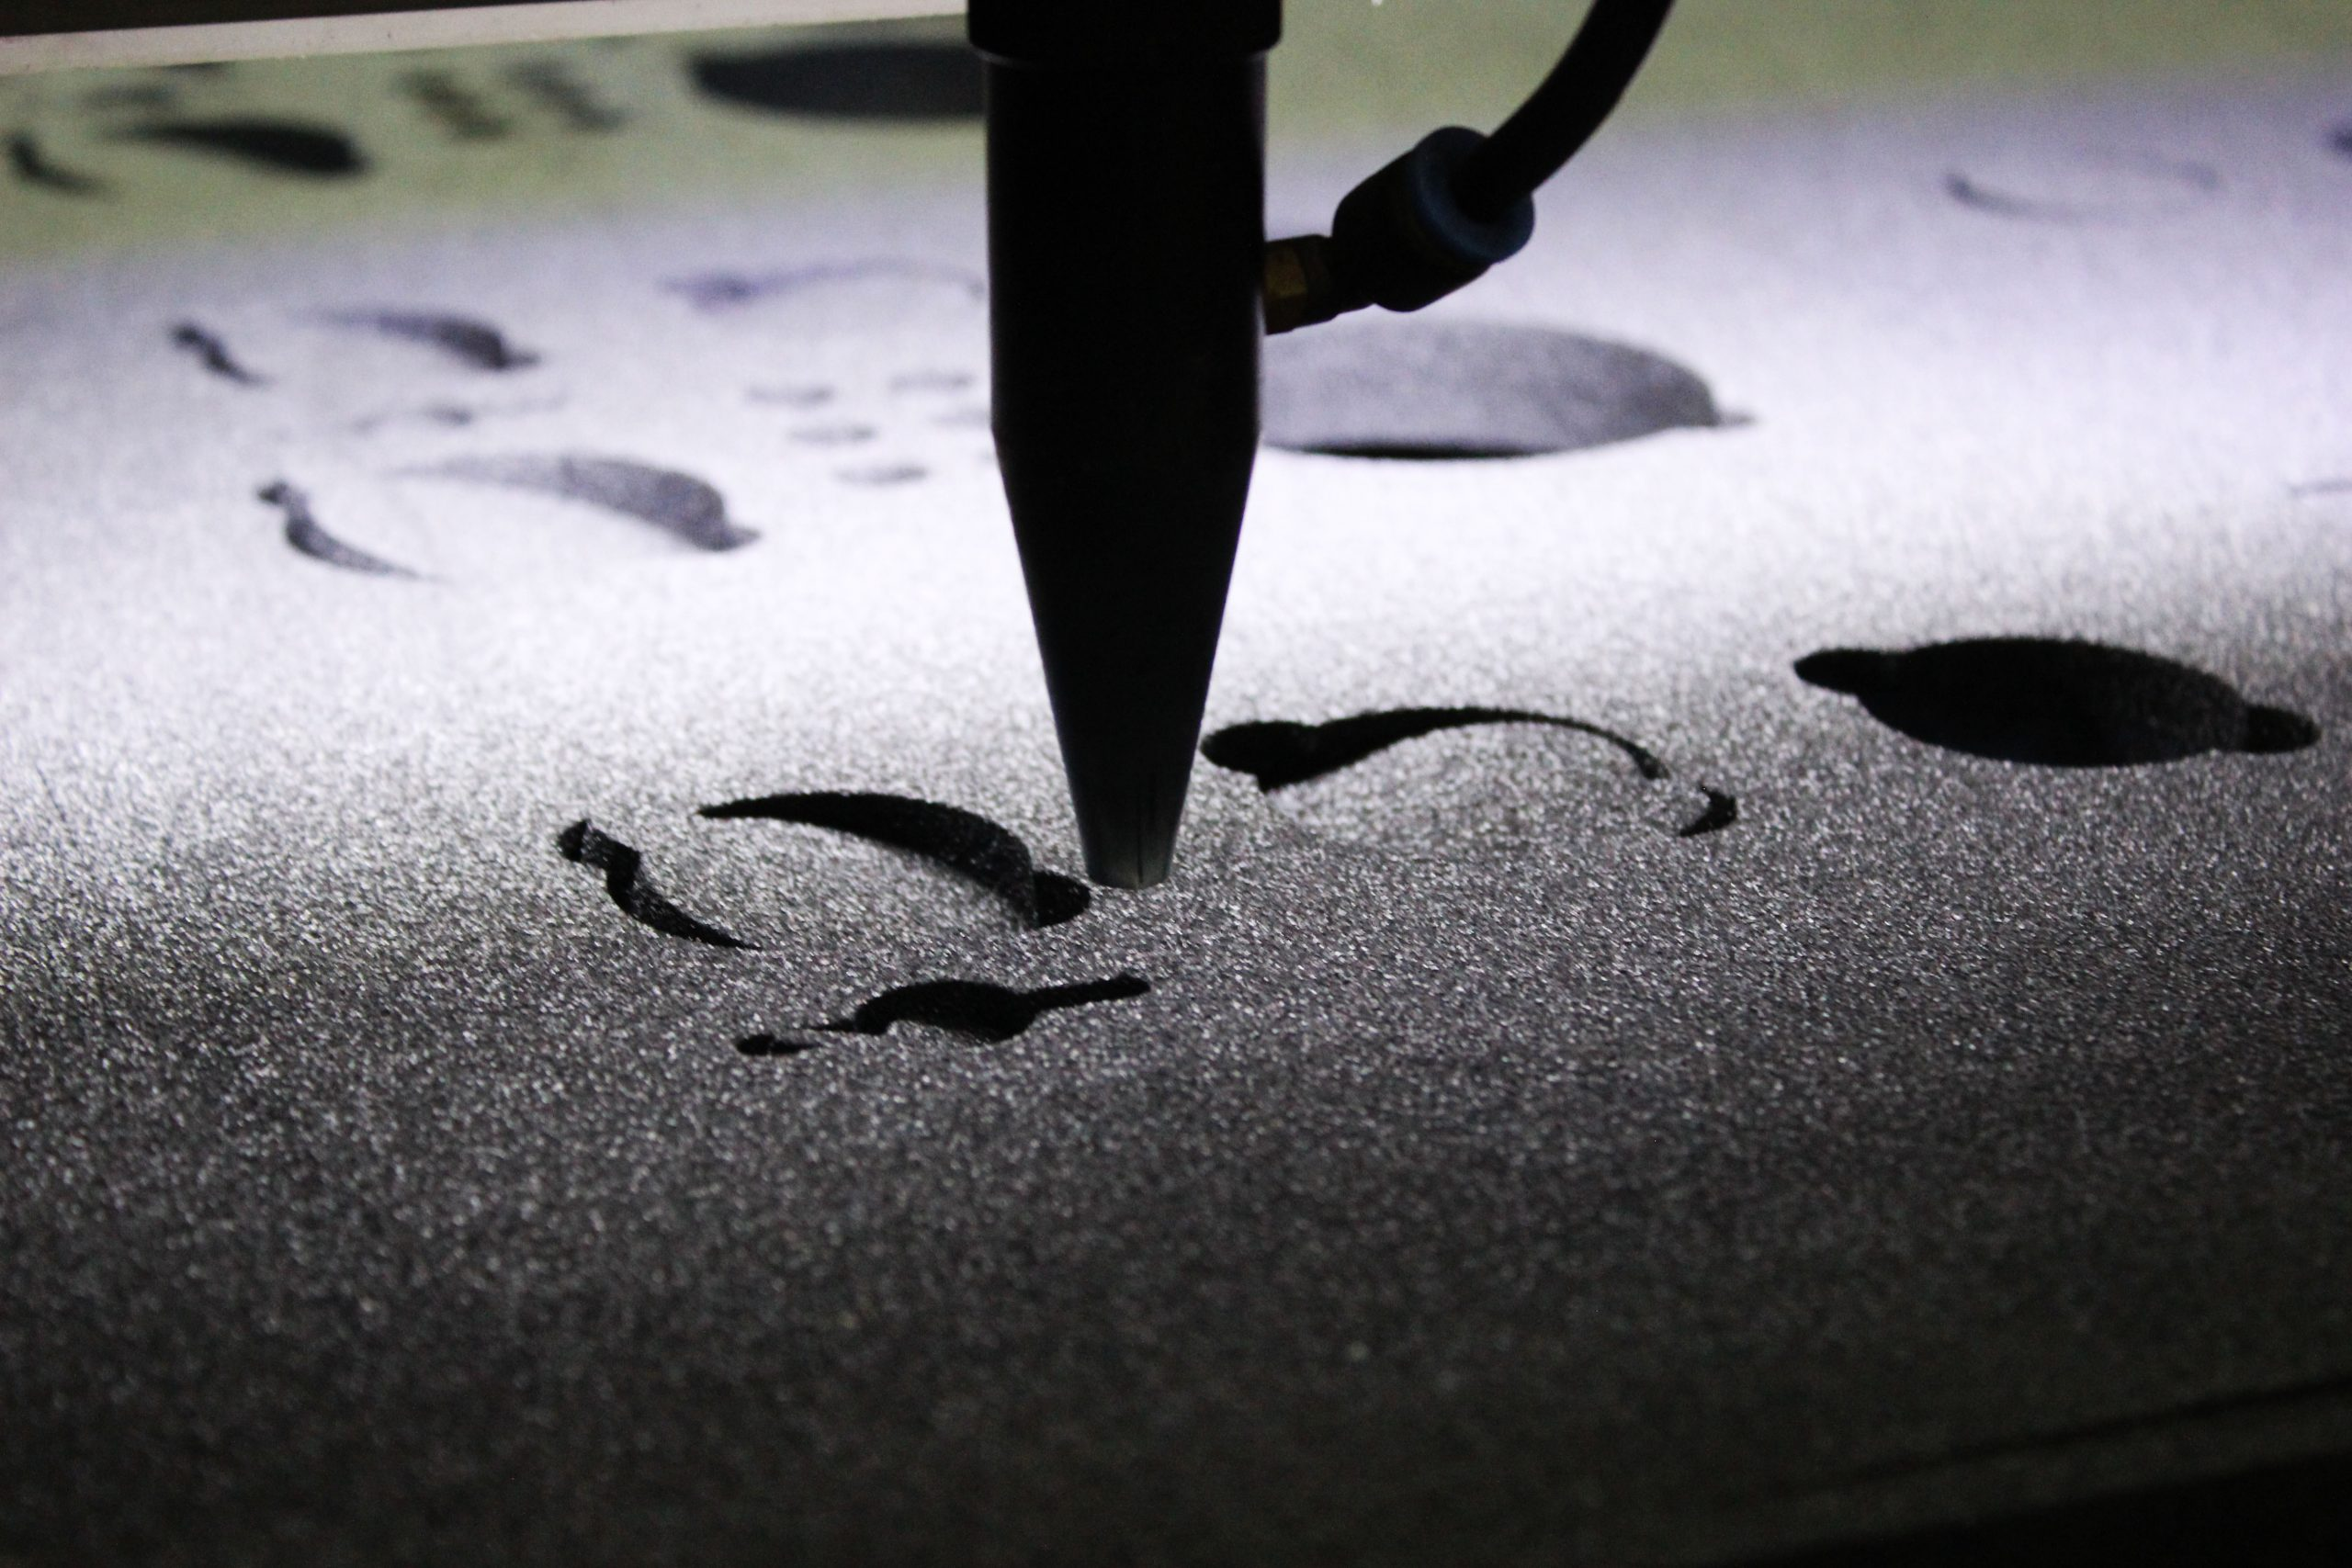 Kunststof schuimverpakkingen laten lasersnijden